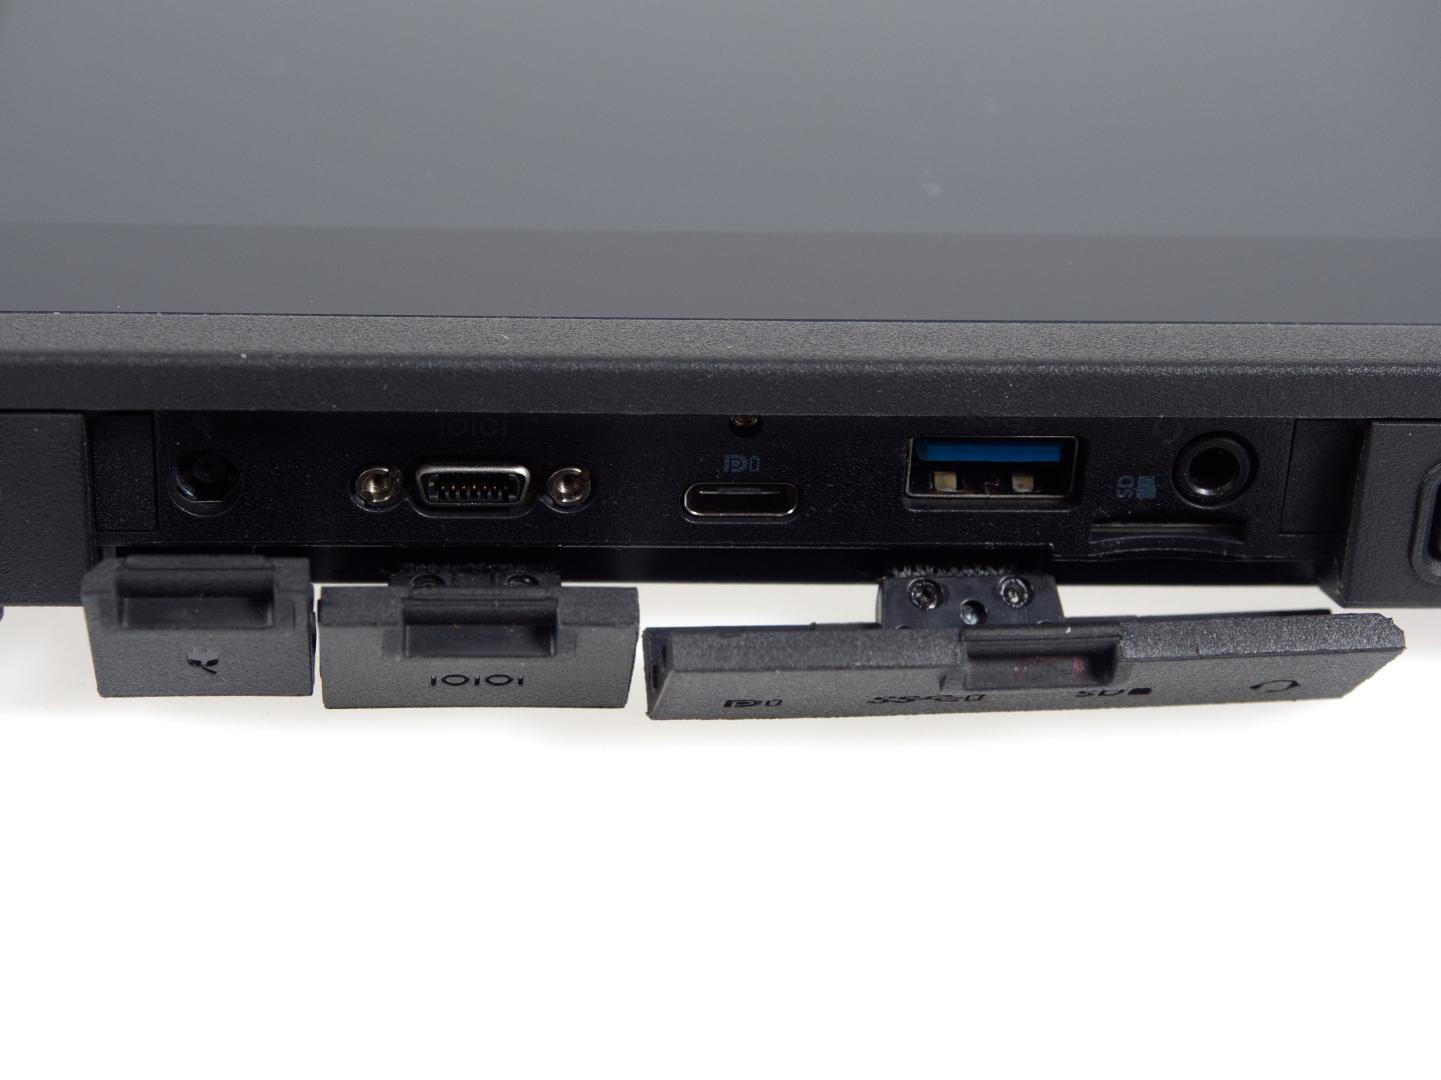 Dell Latitude 7220 im Test: Das Rugged-Tablet für die Zombieapokalypse - Dell Latitude 7220 (Bild: Daniel Pook/Golem.de)